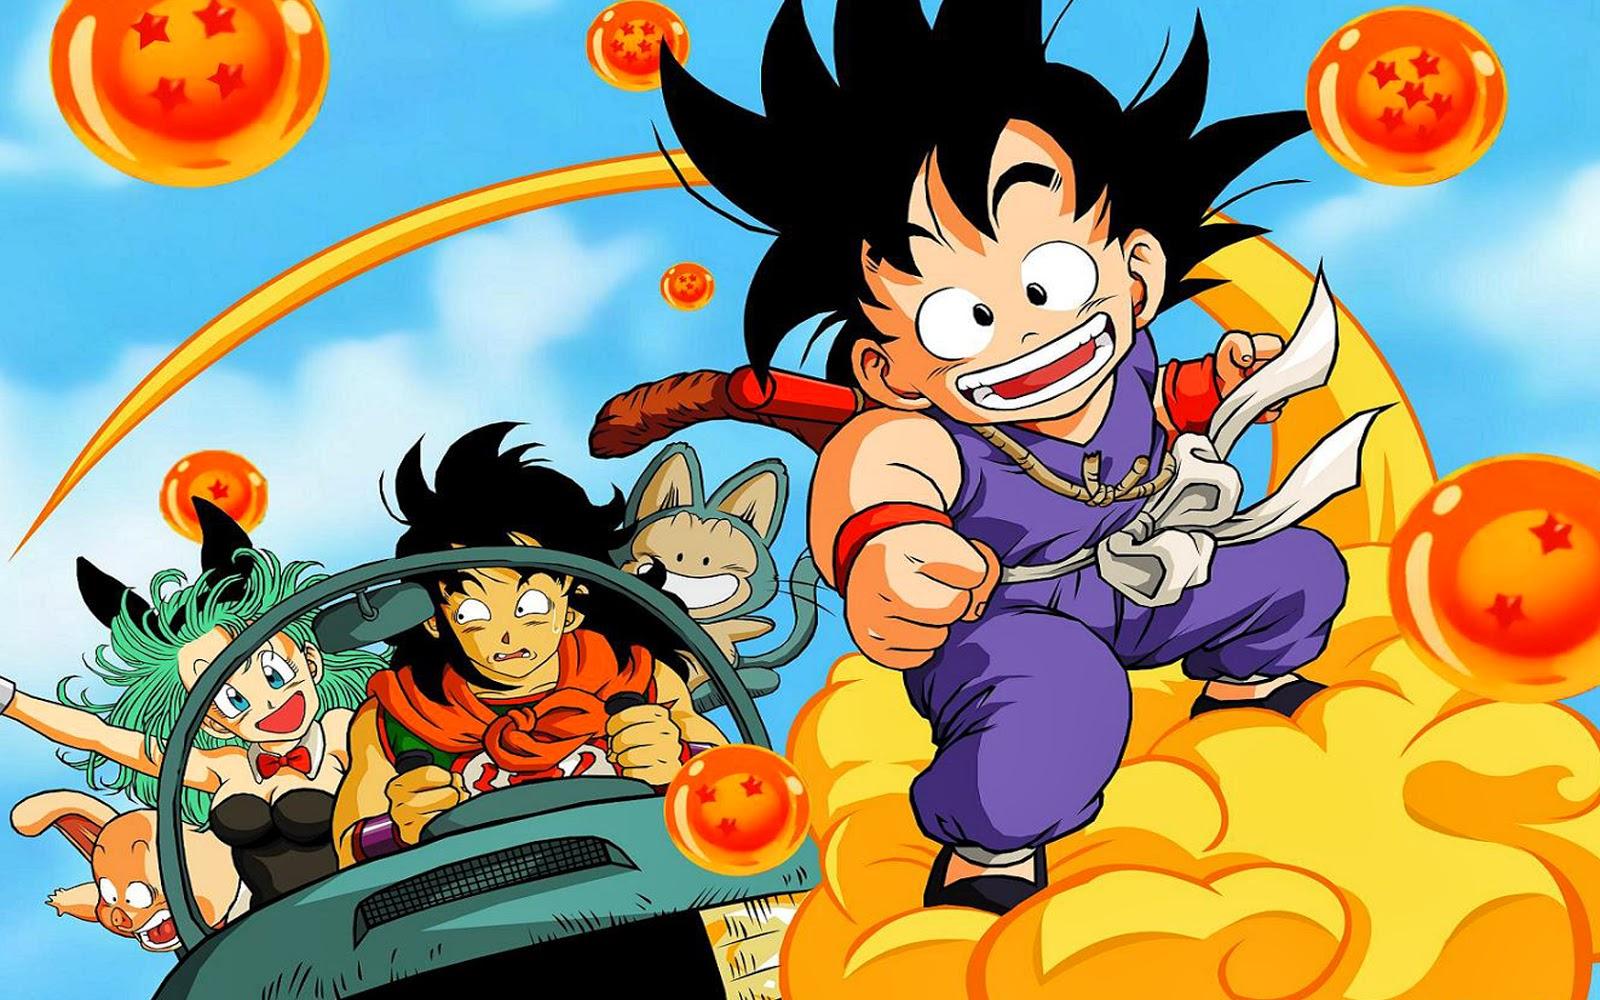 Dragon ball gt dublado em portugues brasil download